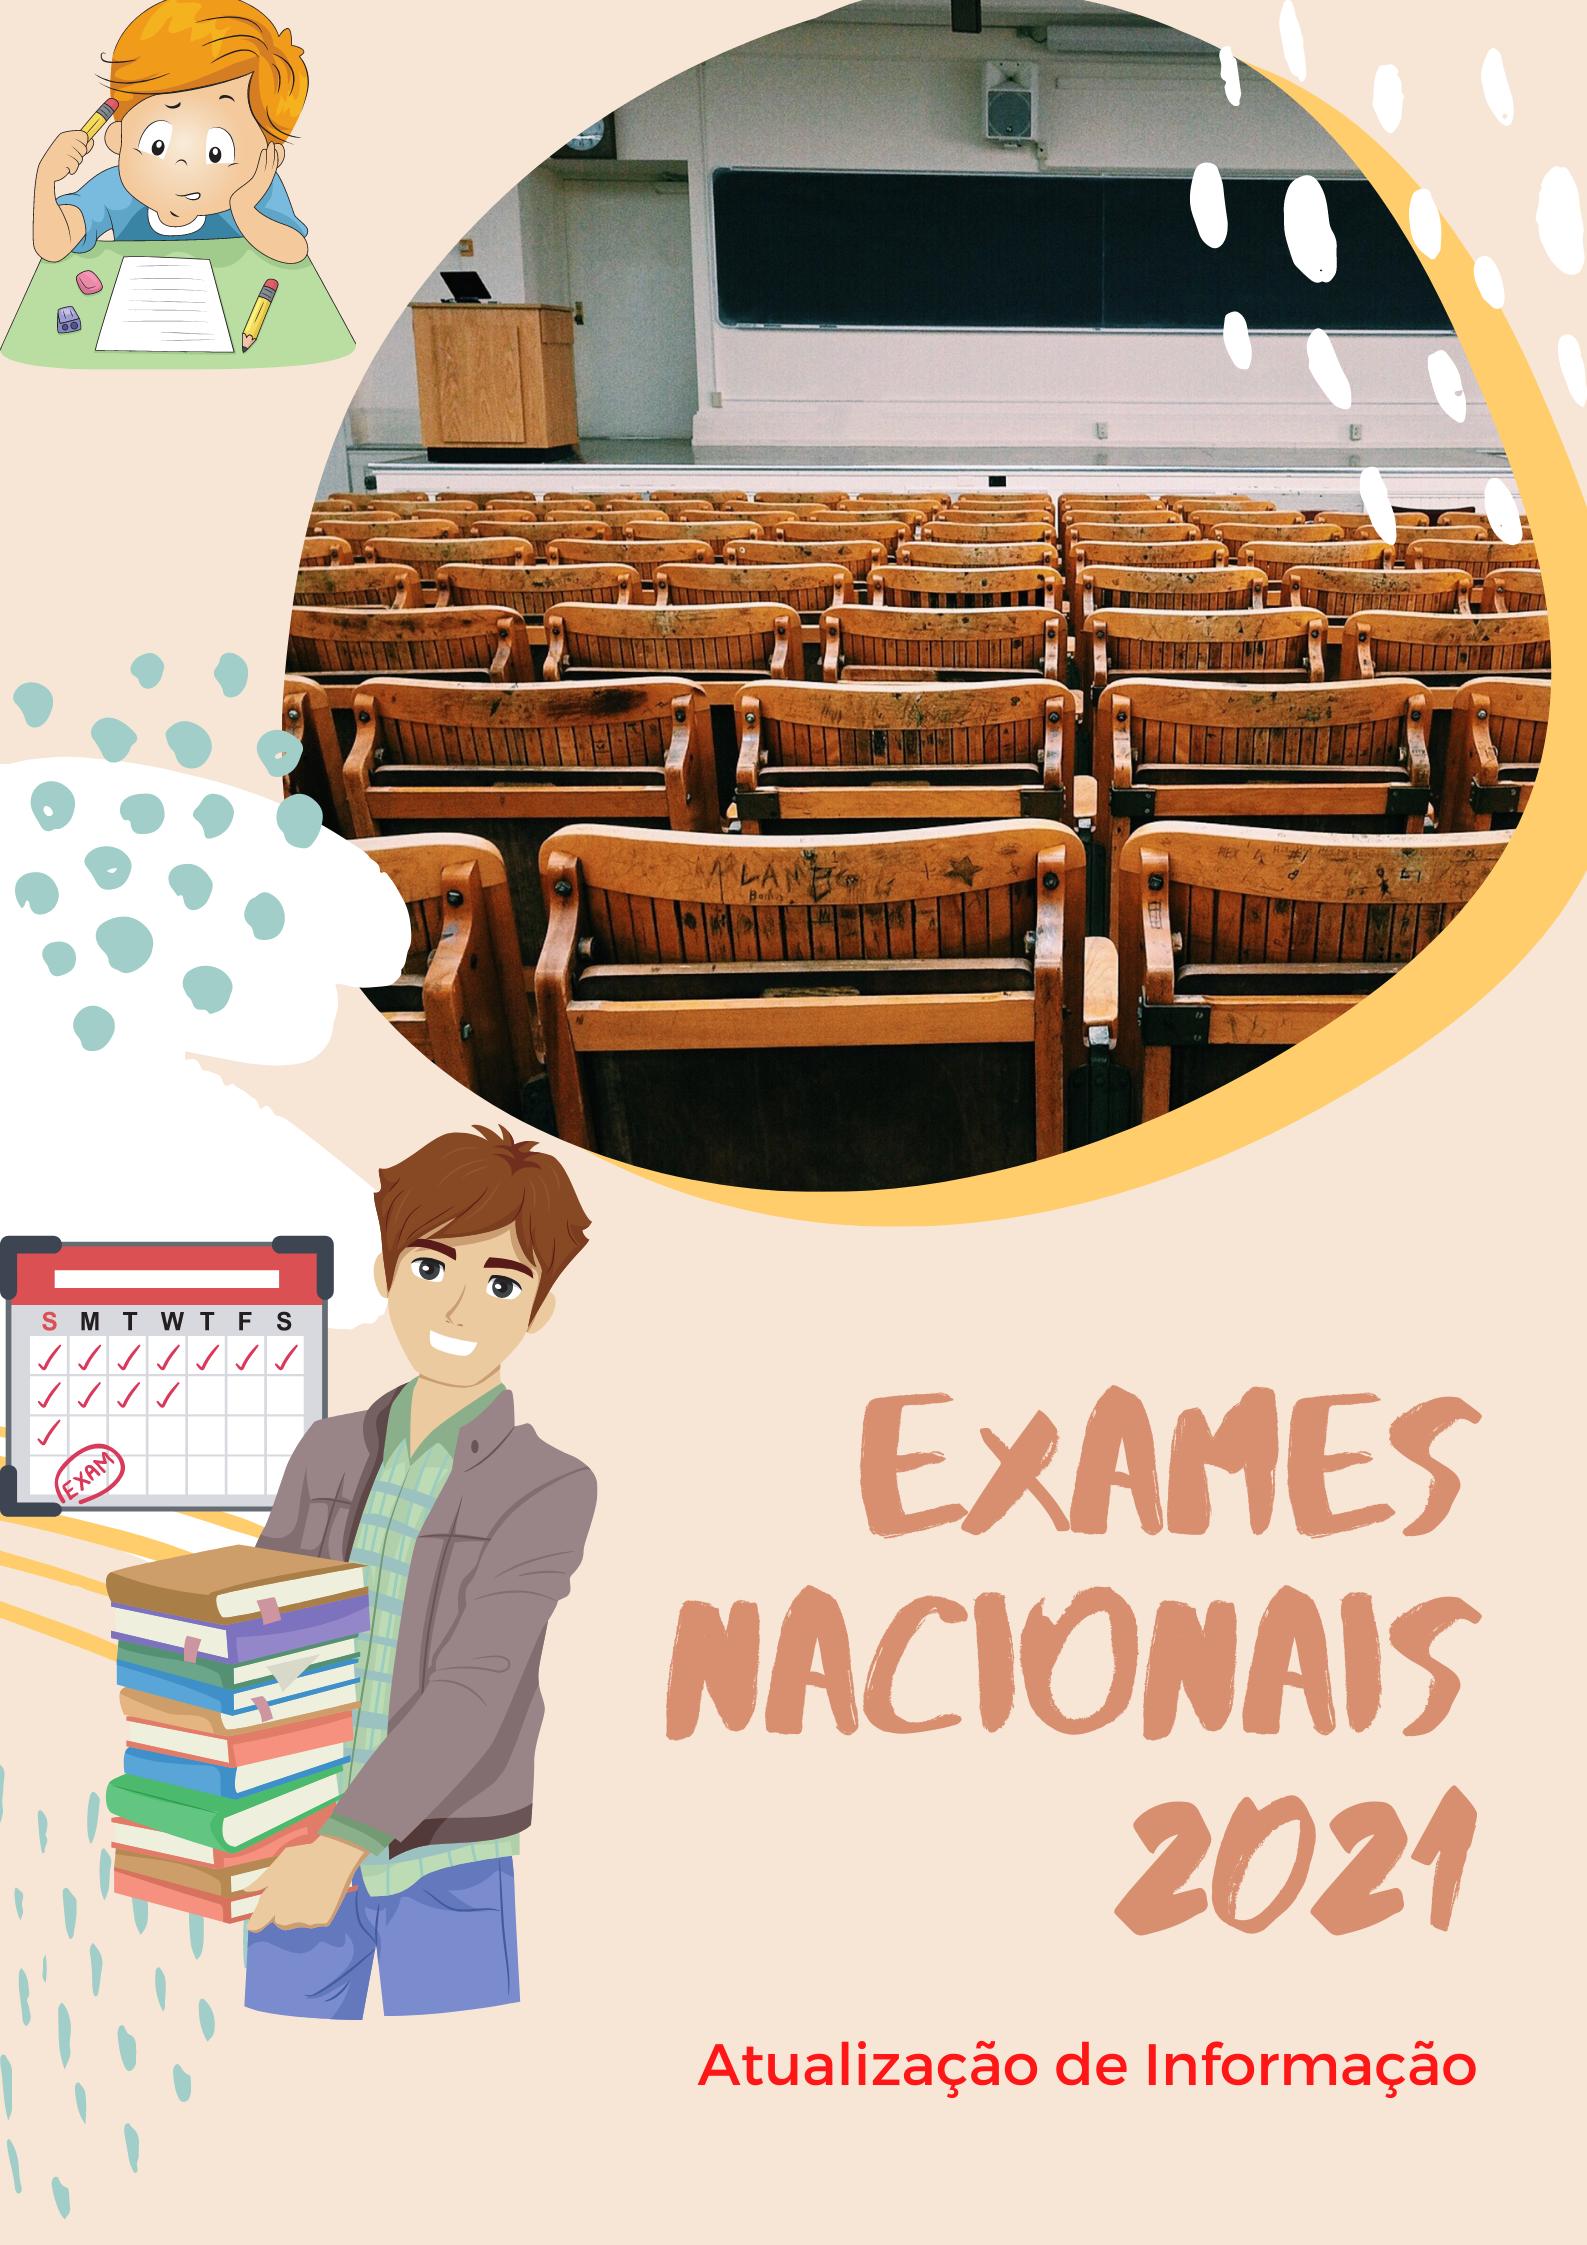 Exames Nacionais – Atualização de Informação